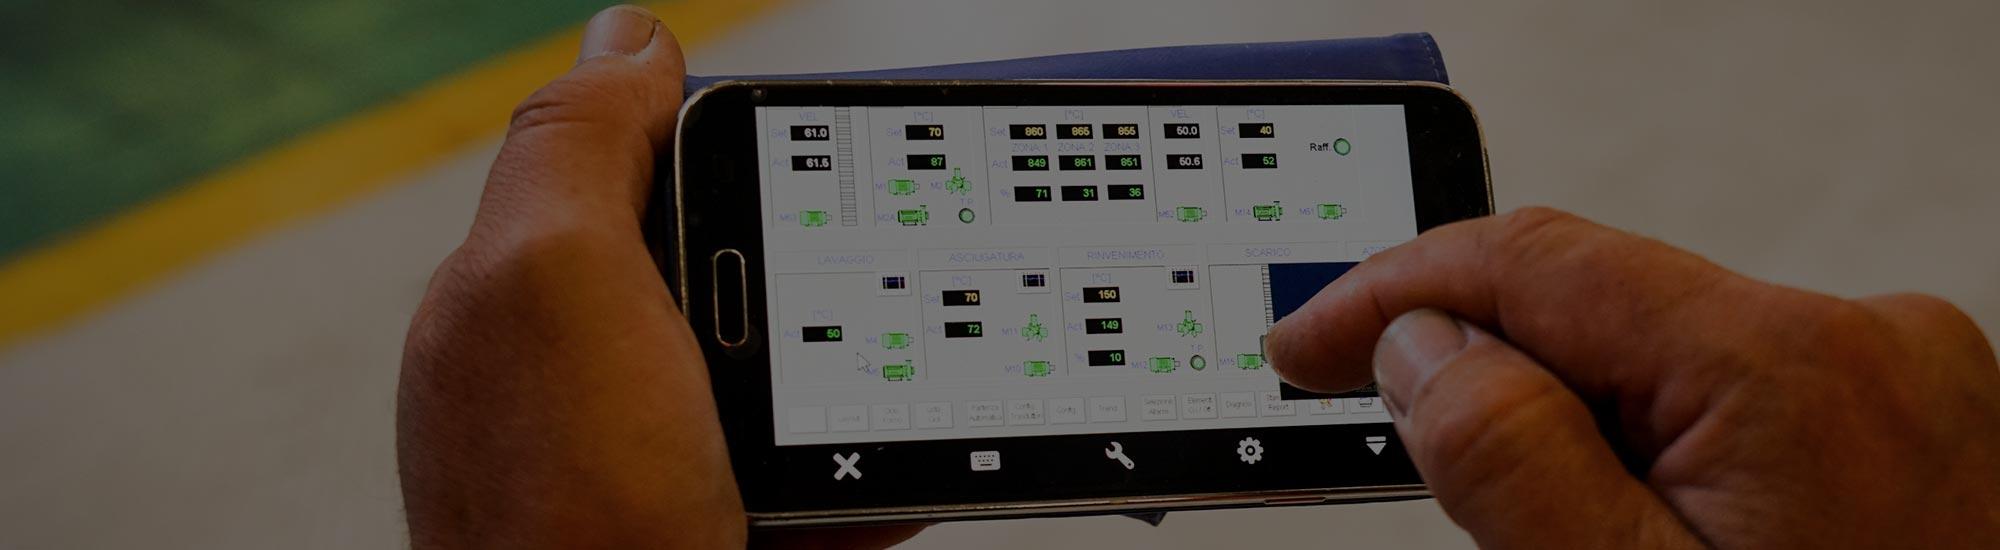 campana-forni-remote-control-home